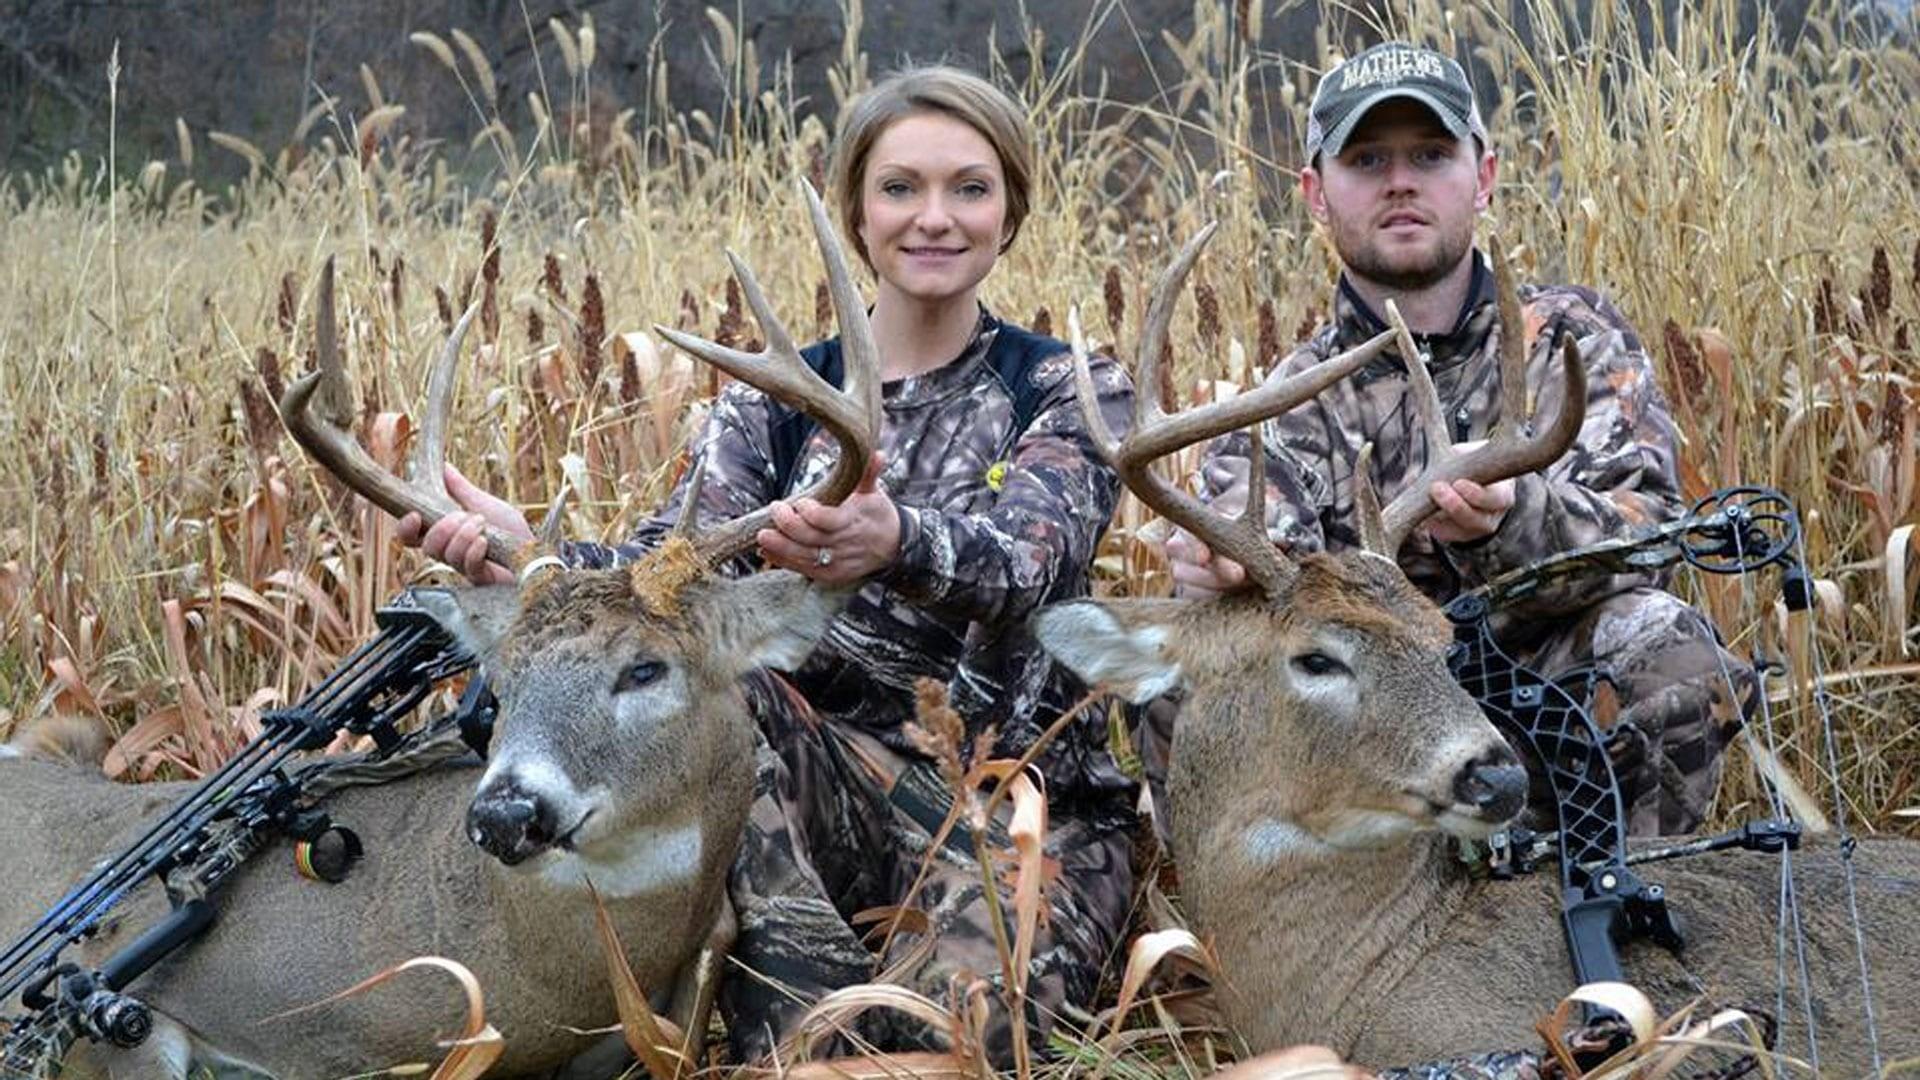 Deer And Deer Hunting Rut Prediction 2021 | Calendar regarding Deer And Deer Hunting Calendar